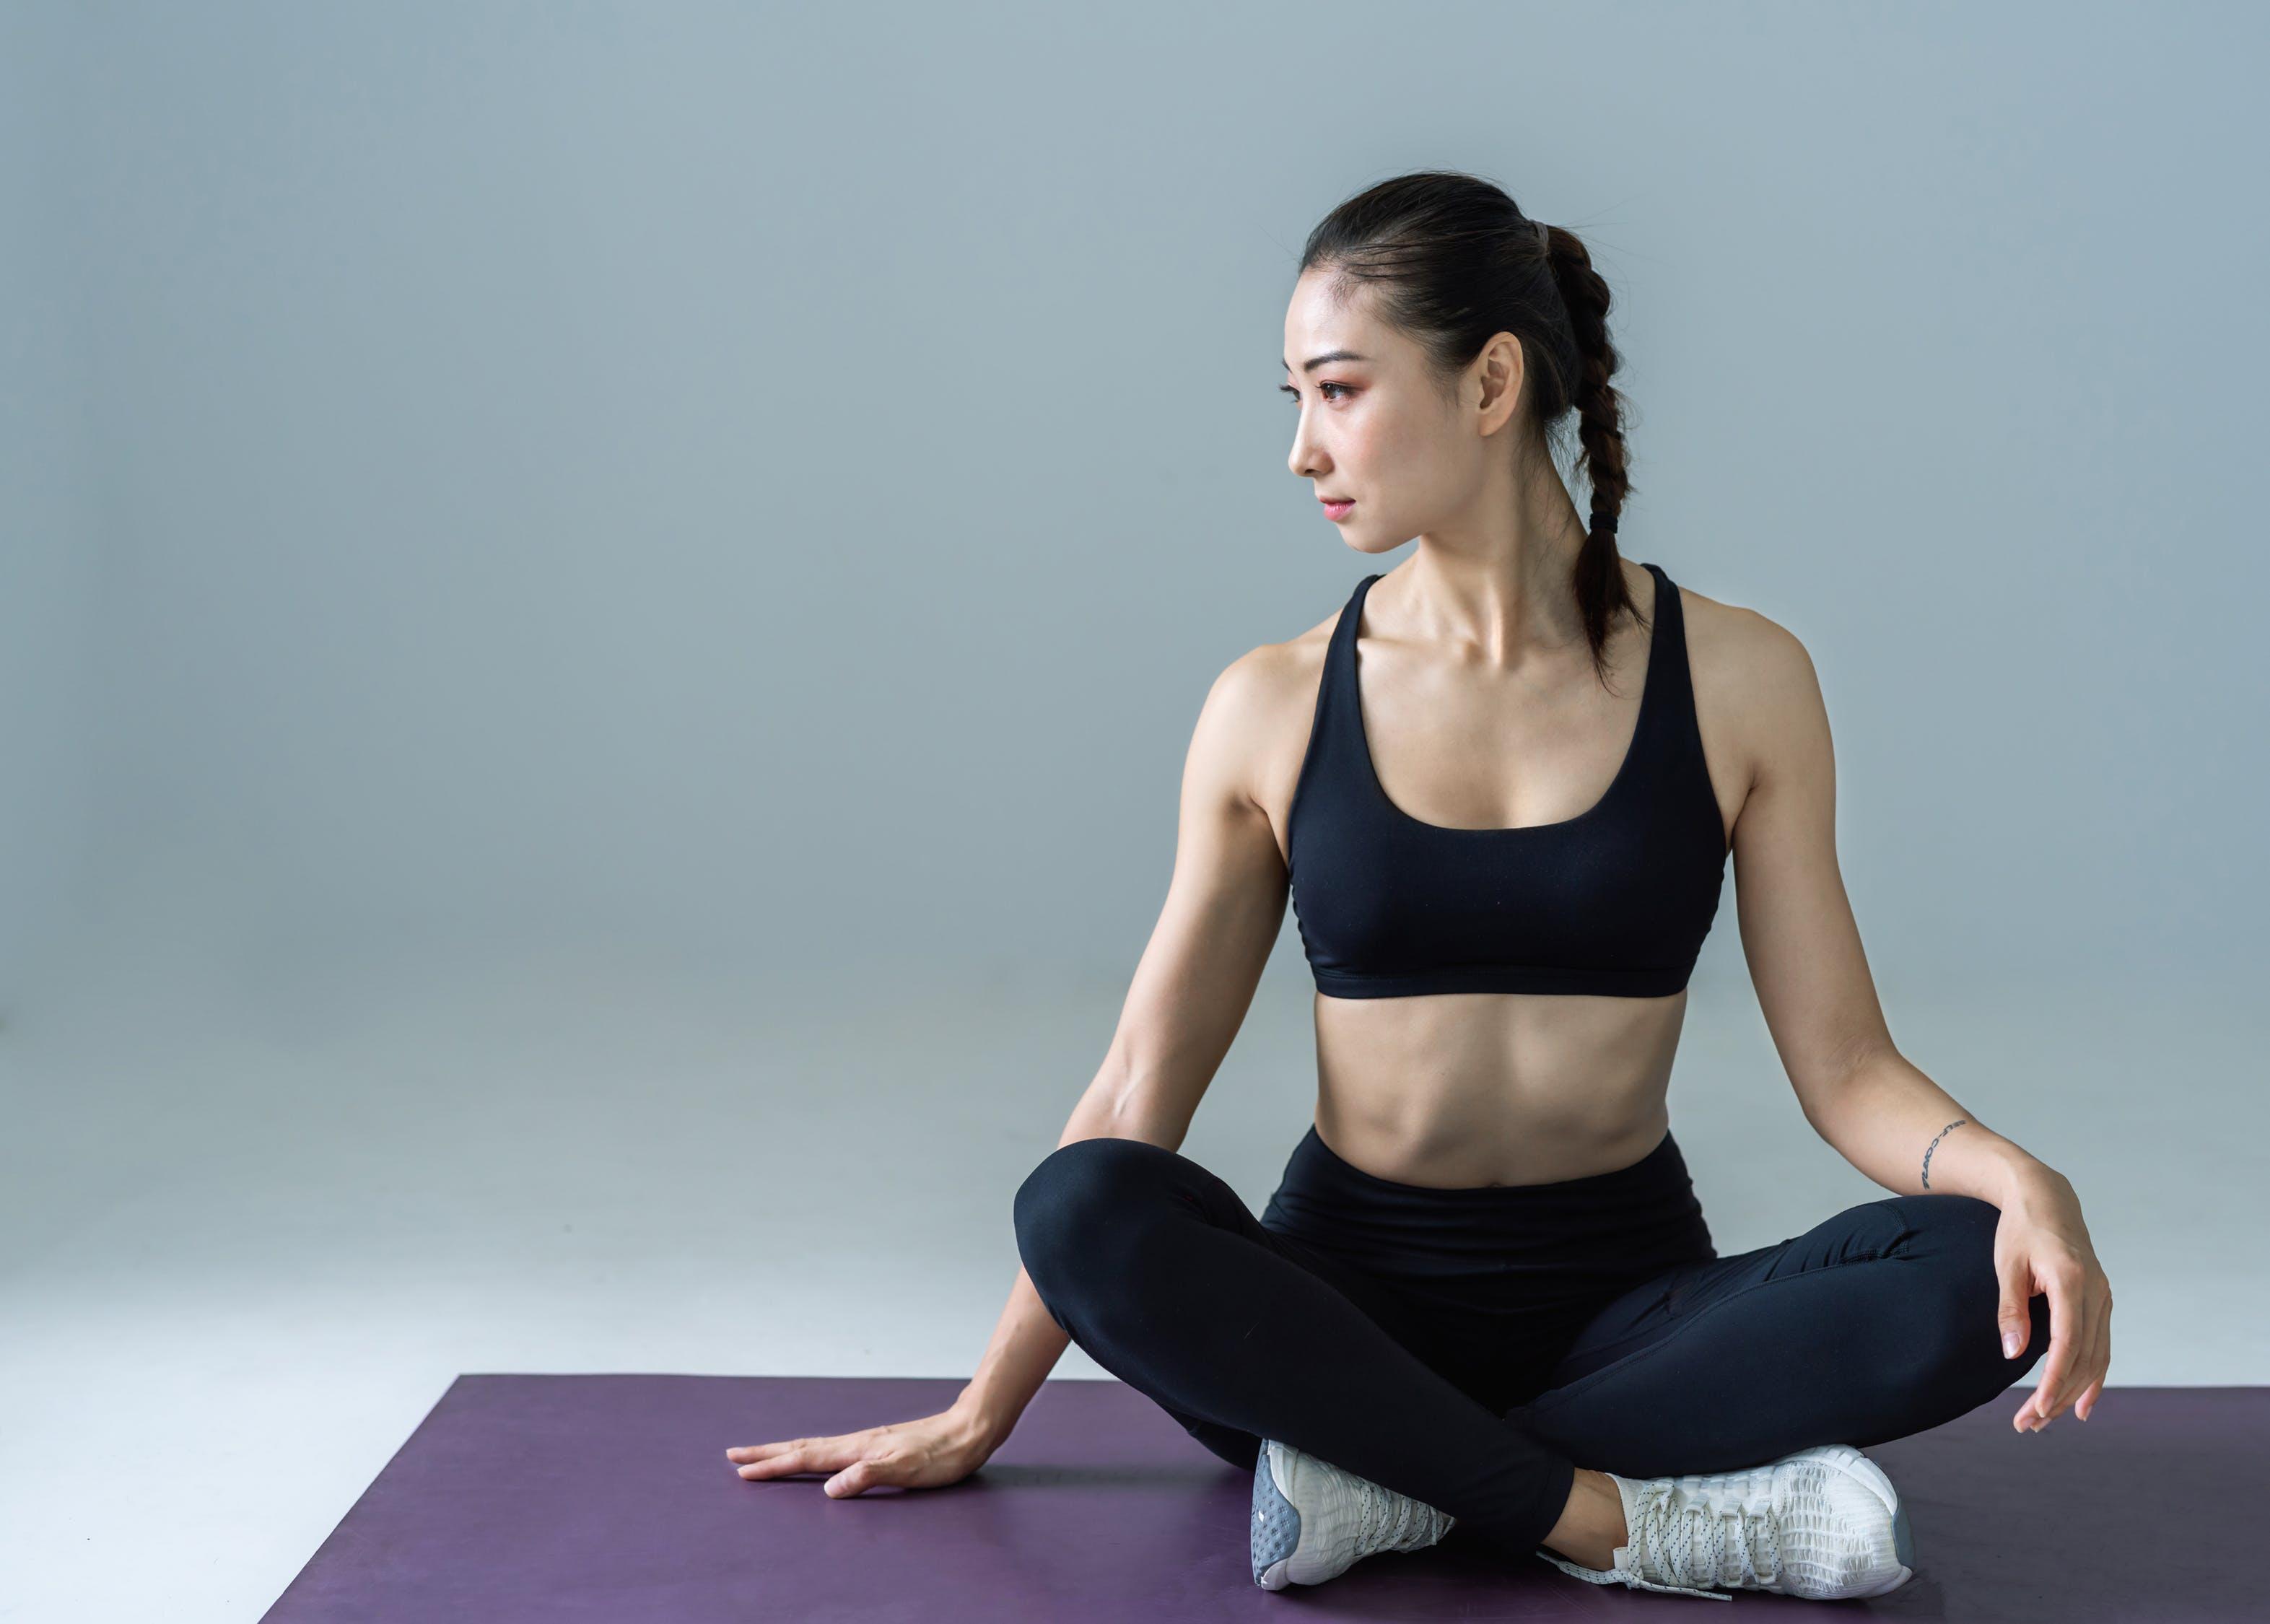 ヨガと自律神経を整える鍼灸は東洋医学を共有しているので親和性が高い